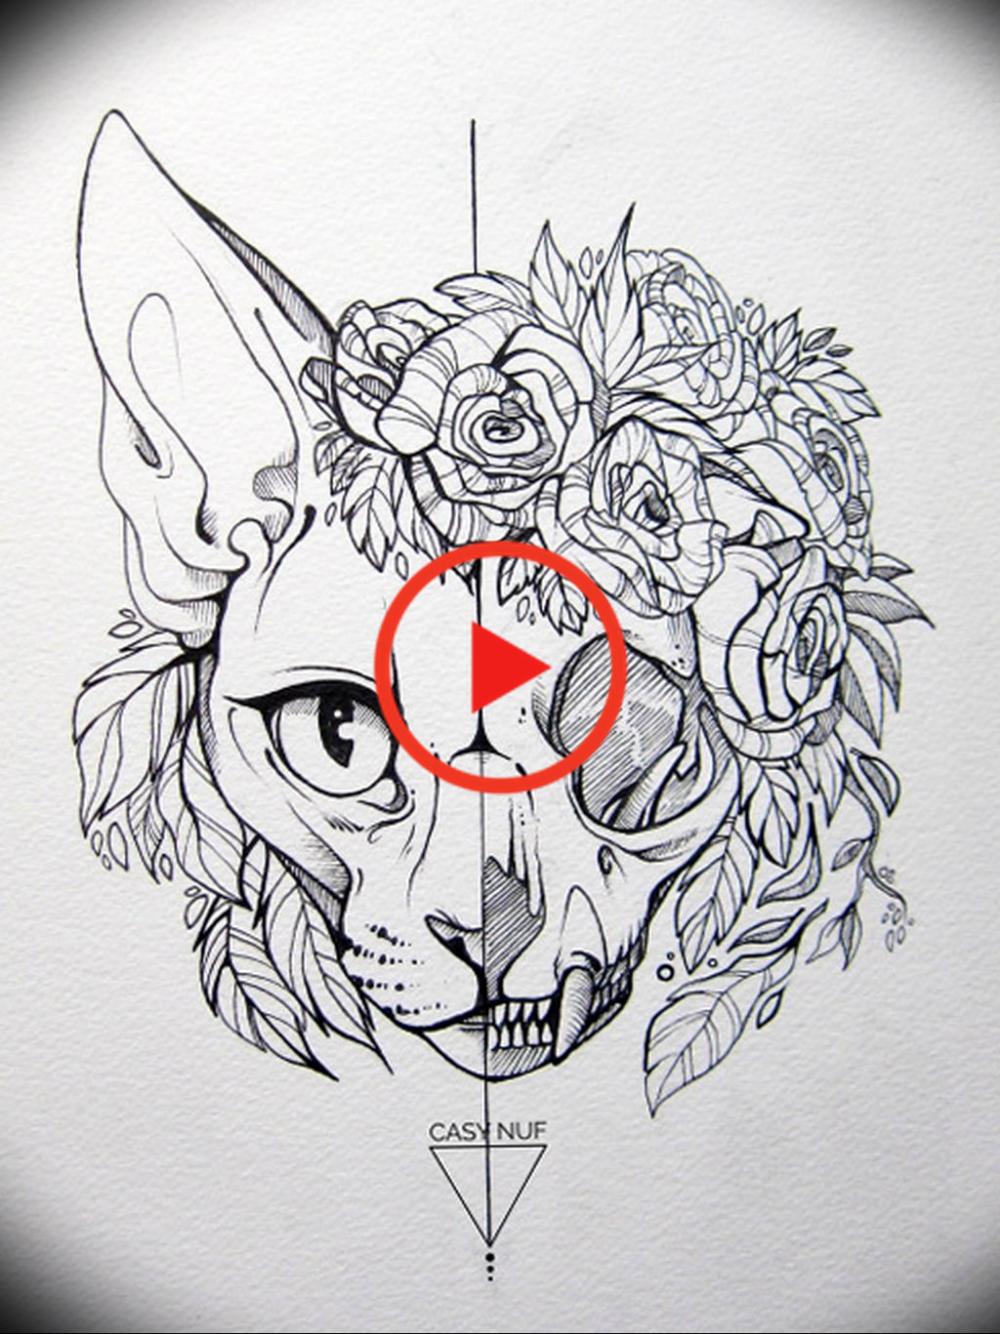 Sketch Of Tattoo Sphinx 20 08 2019 009 Sphinx Tattoo Sketch Tatufoto Com Tatufoto Com In 2020 Sphinx Tattoo Tattoo Sketches Drawings